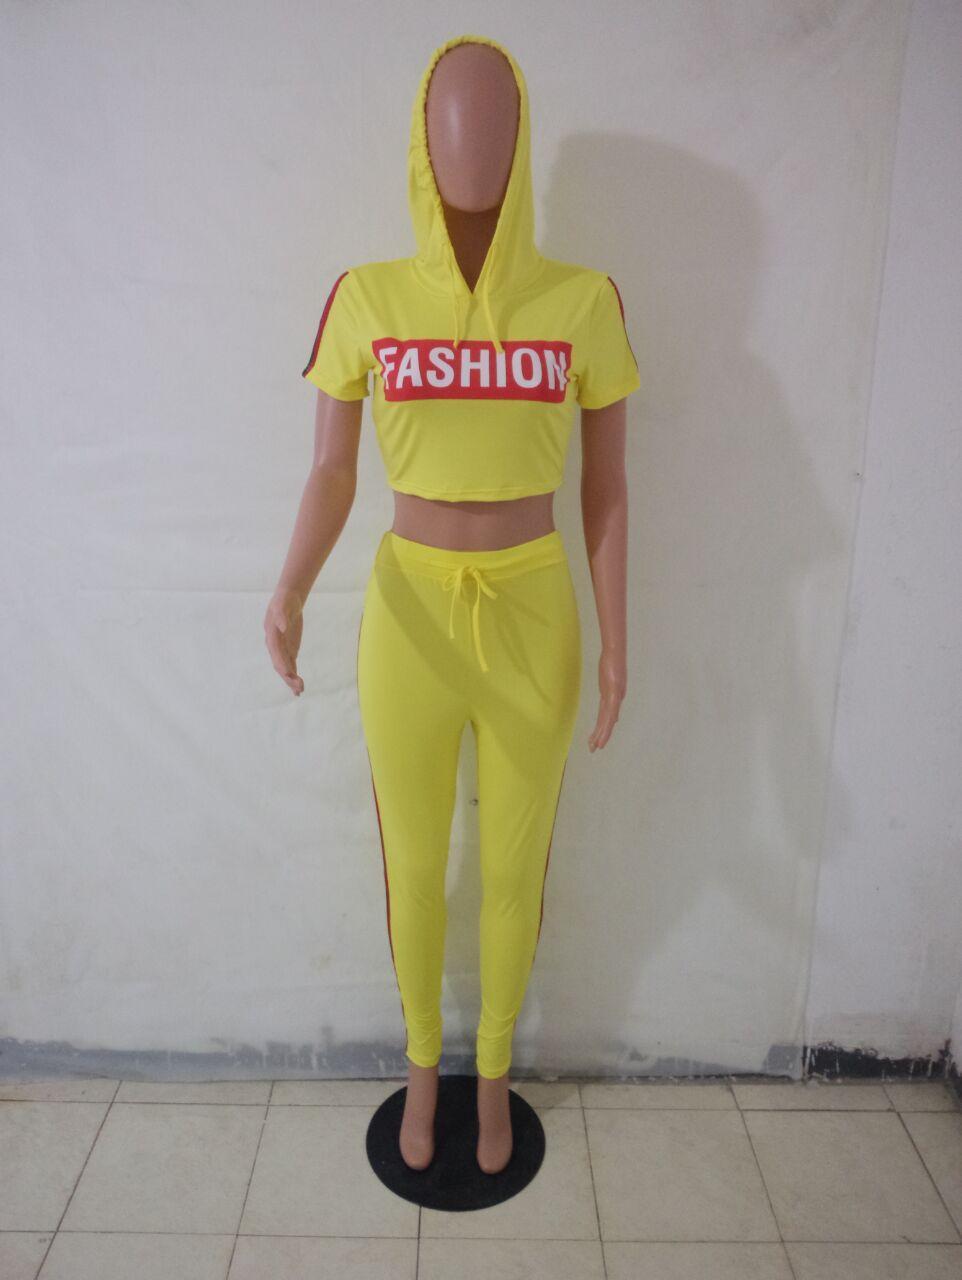 Mulheres por atacado Two Piece Set Treino Comprimento Completo Carta 2 Peça Set Treino Outfit Roupas de Verão Listrado Outfits Outfits